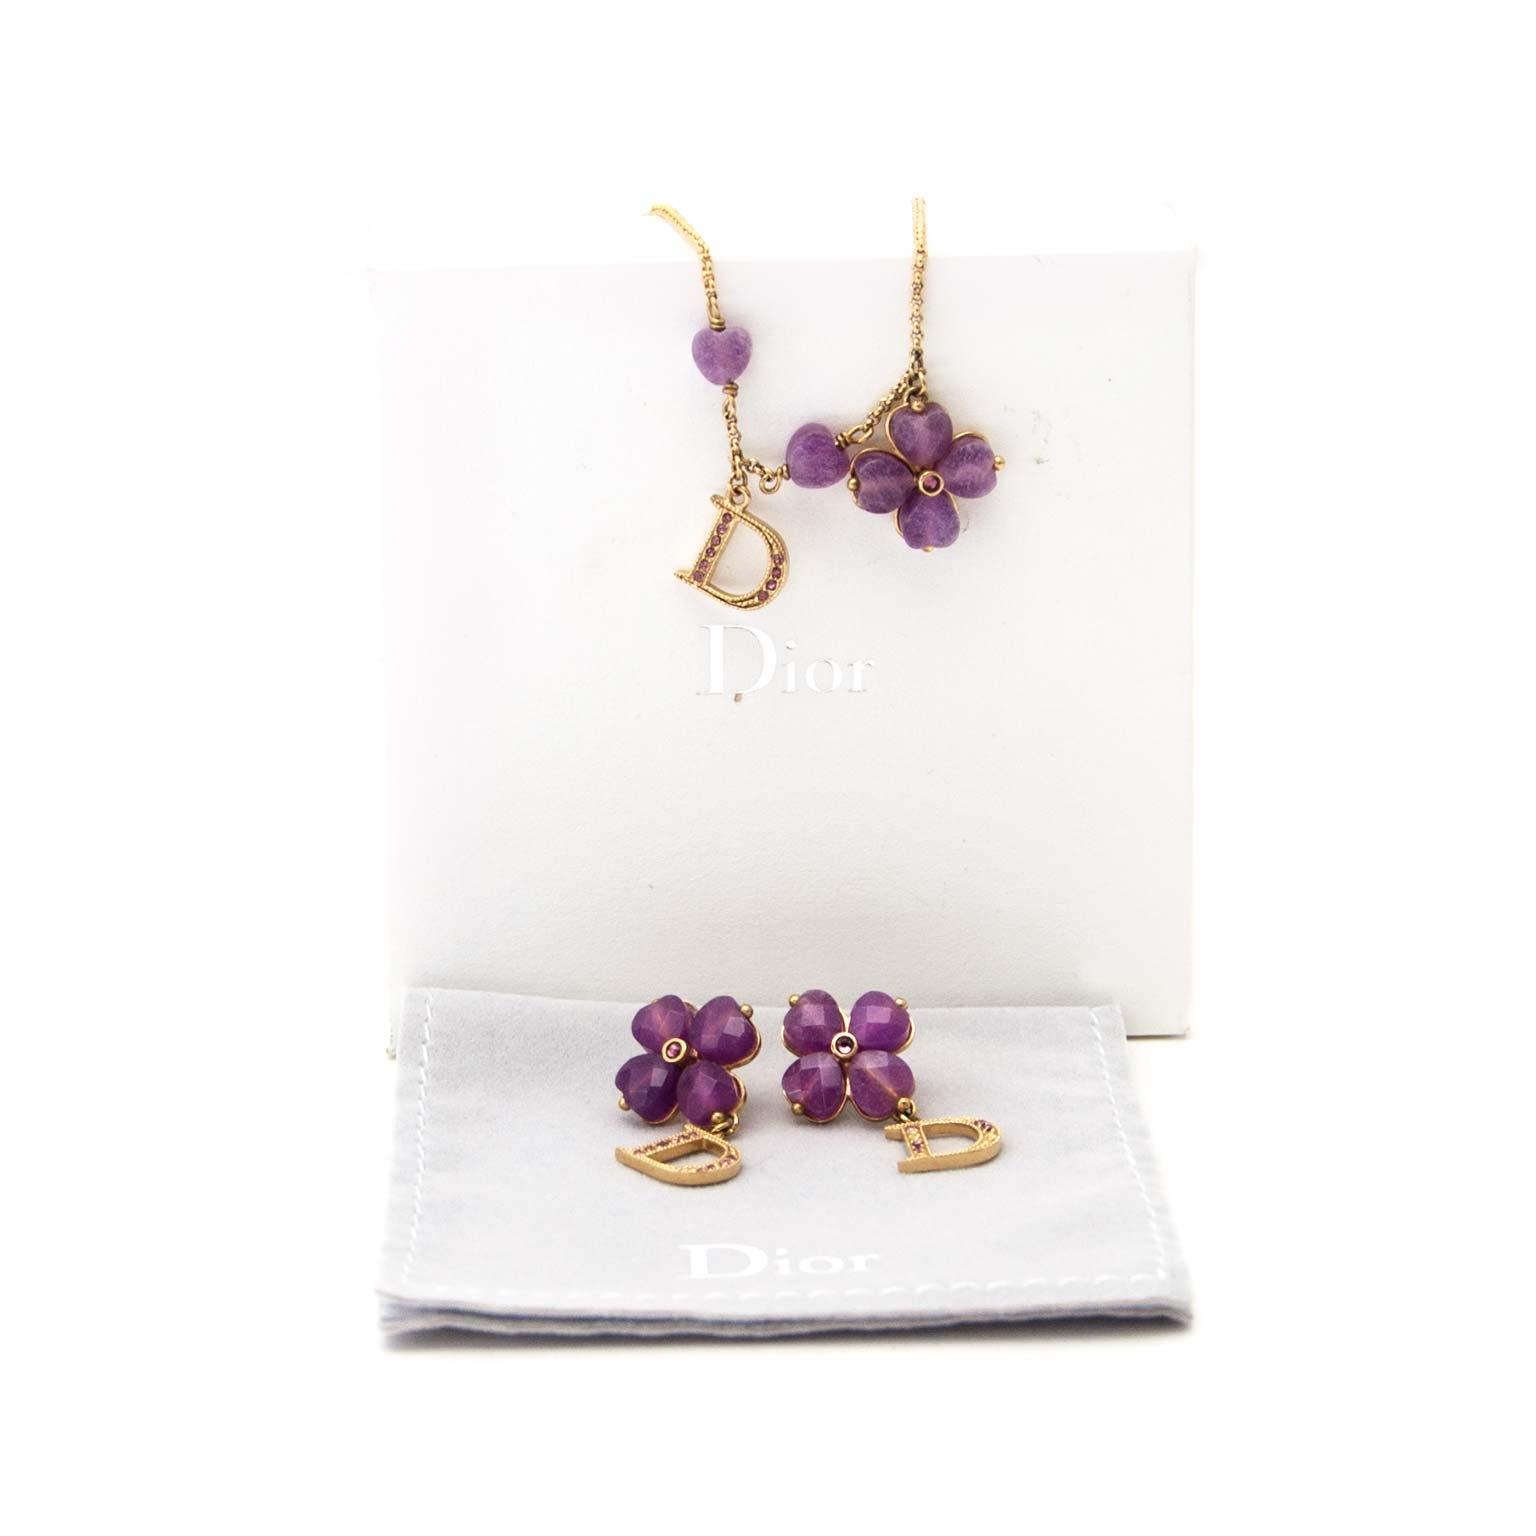 Koop authentieke tweedehands Dior juwelen set aan een eerlijke prijs bij LabelLOV. Veilig online shoppen.